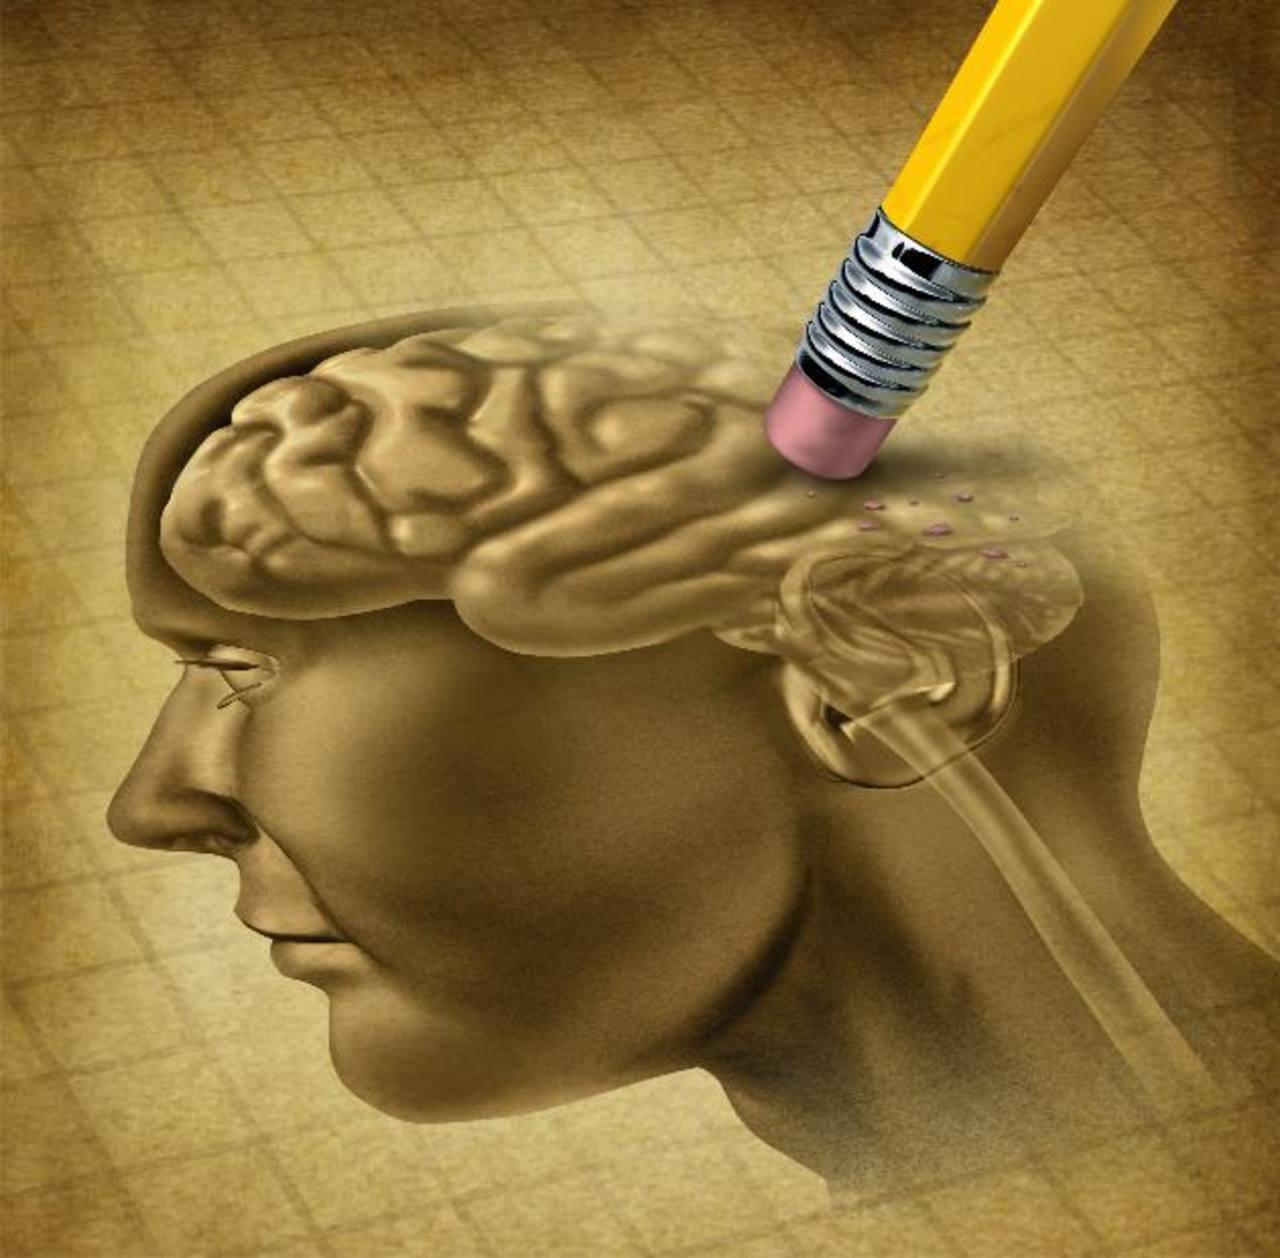 Rechazo social, una barrera para quienes padecen Alzheimer